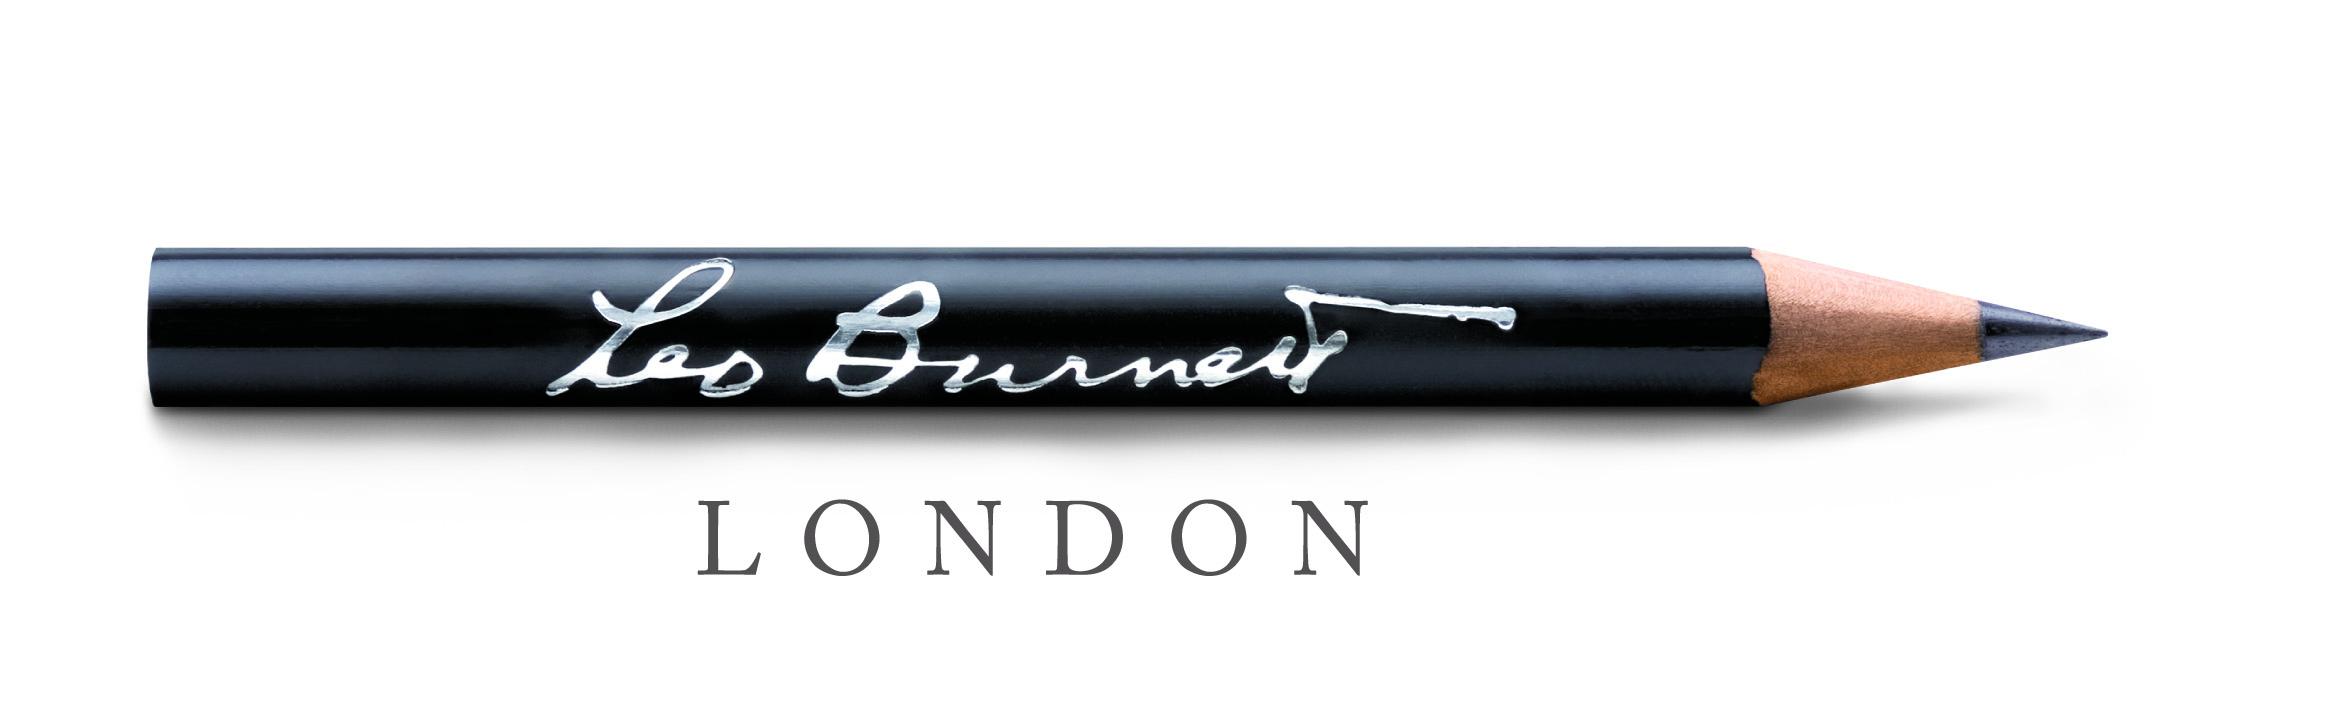 Leo Burnett London